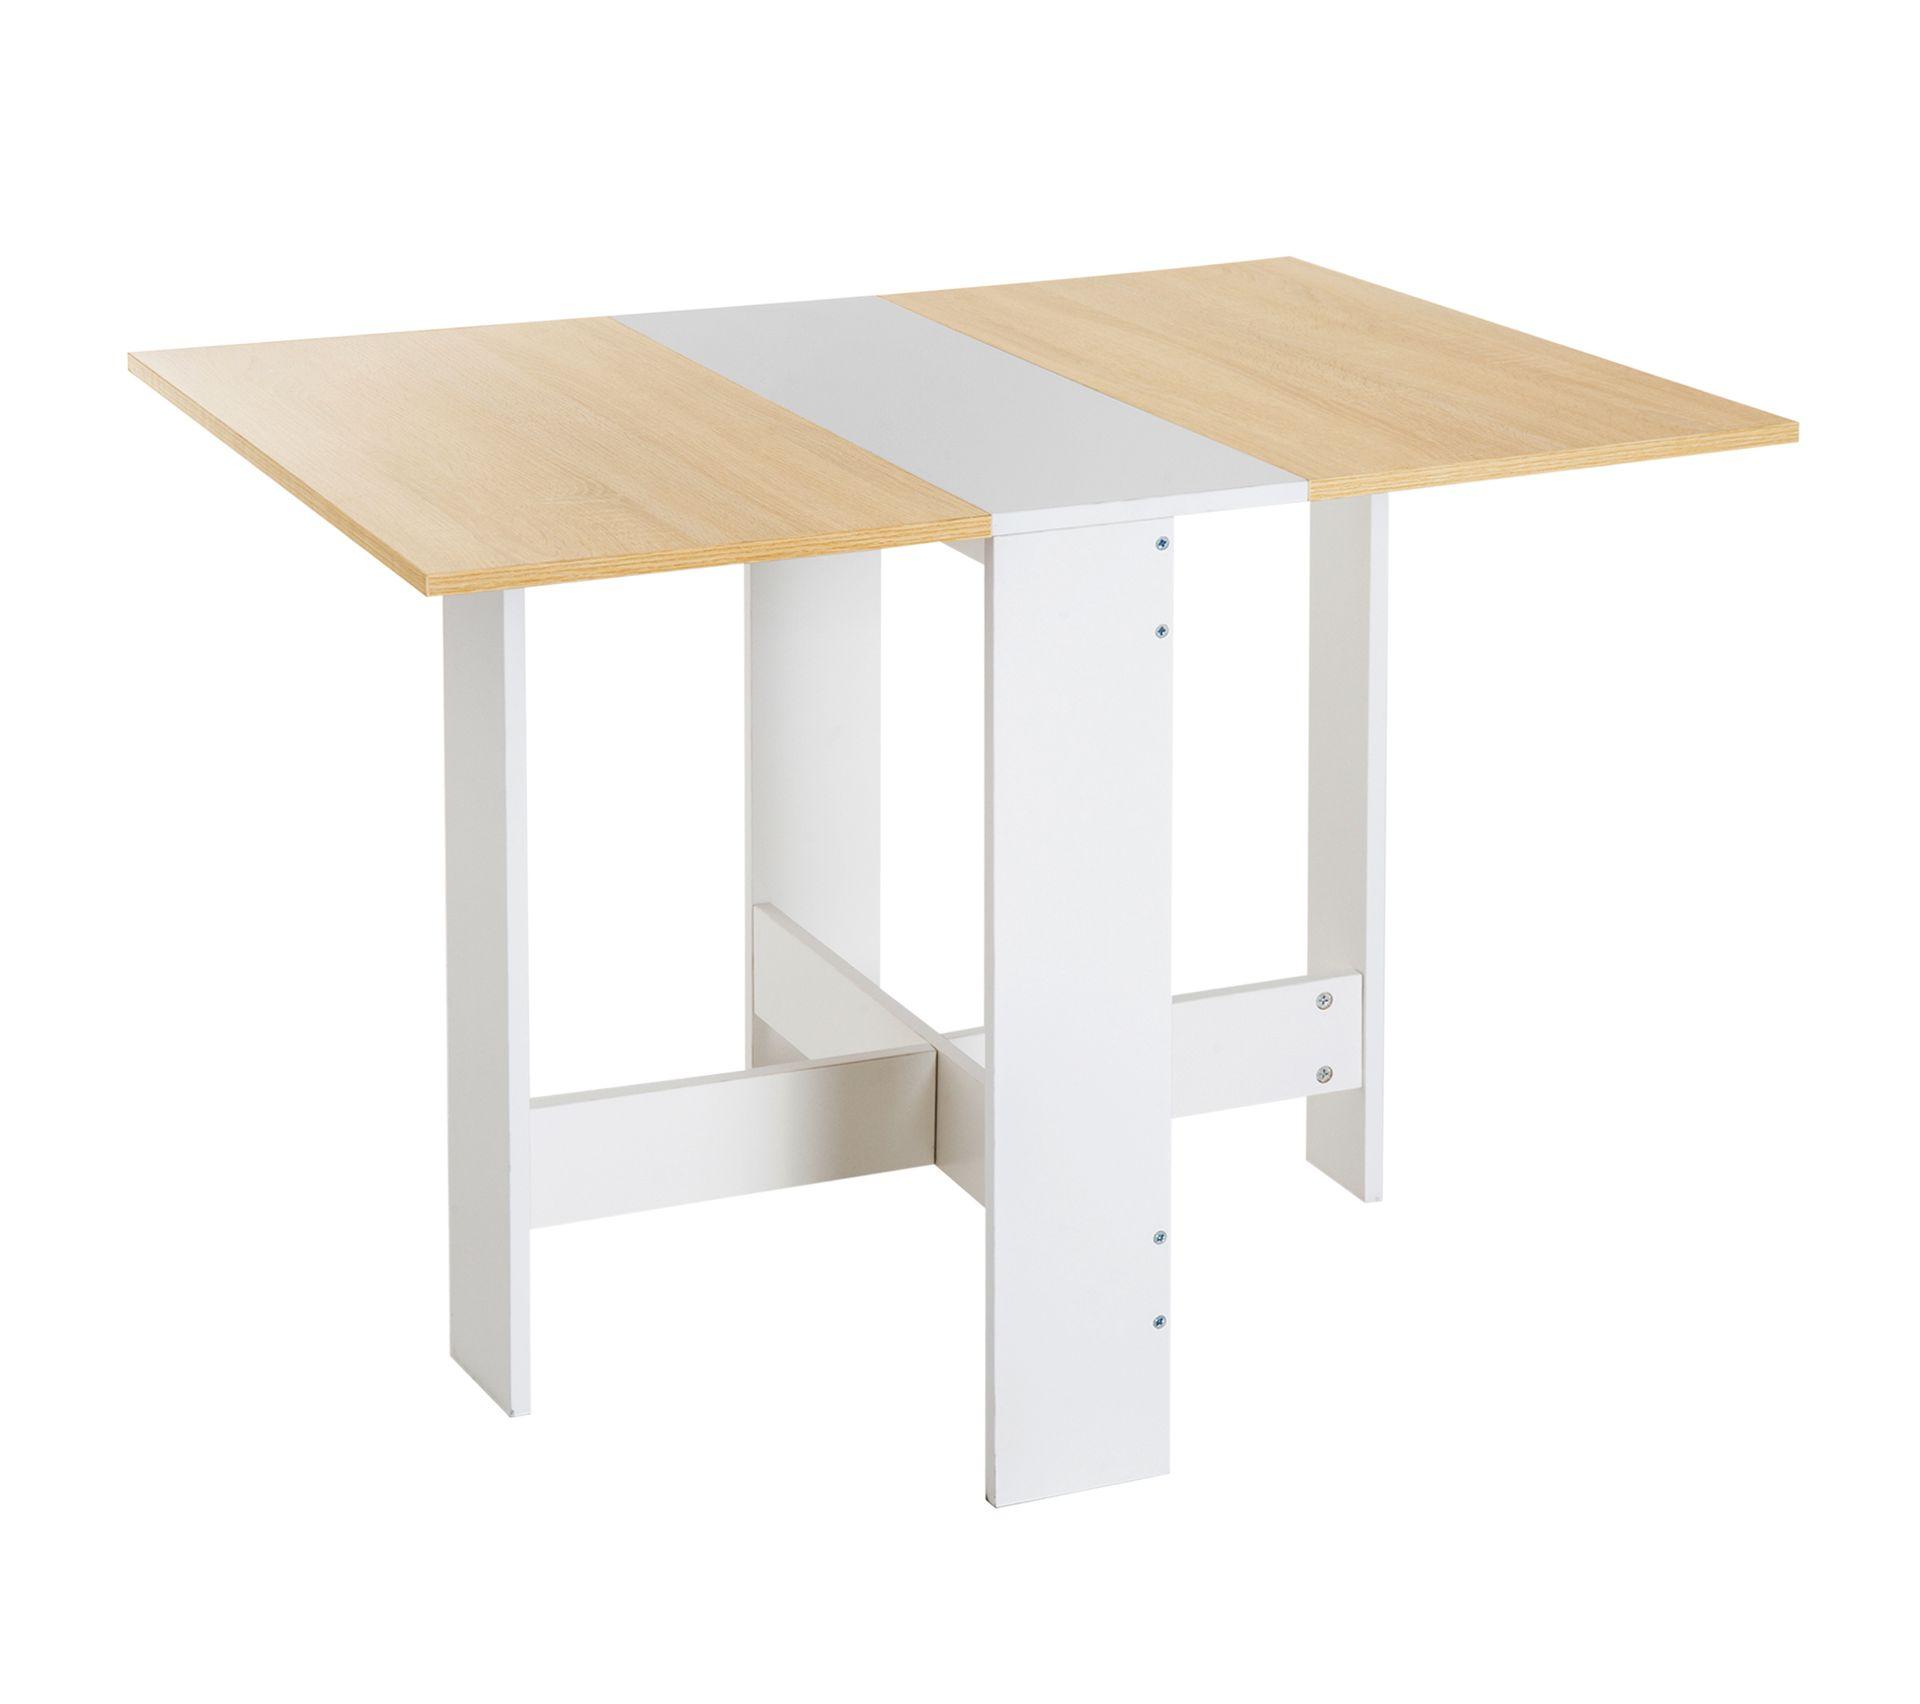 Table Rabattable Pour Cuisine table de cuisine pliable 103l x 76l x 74h cm panneaux particules bicolore  chêne blanc